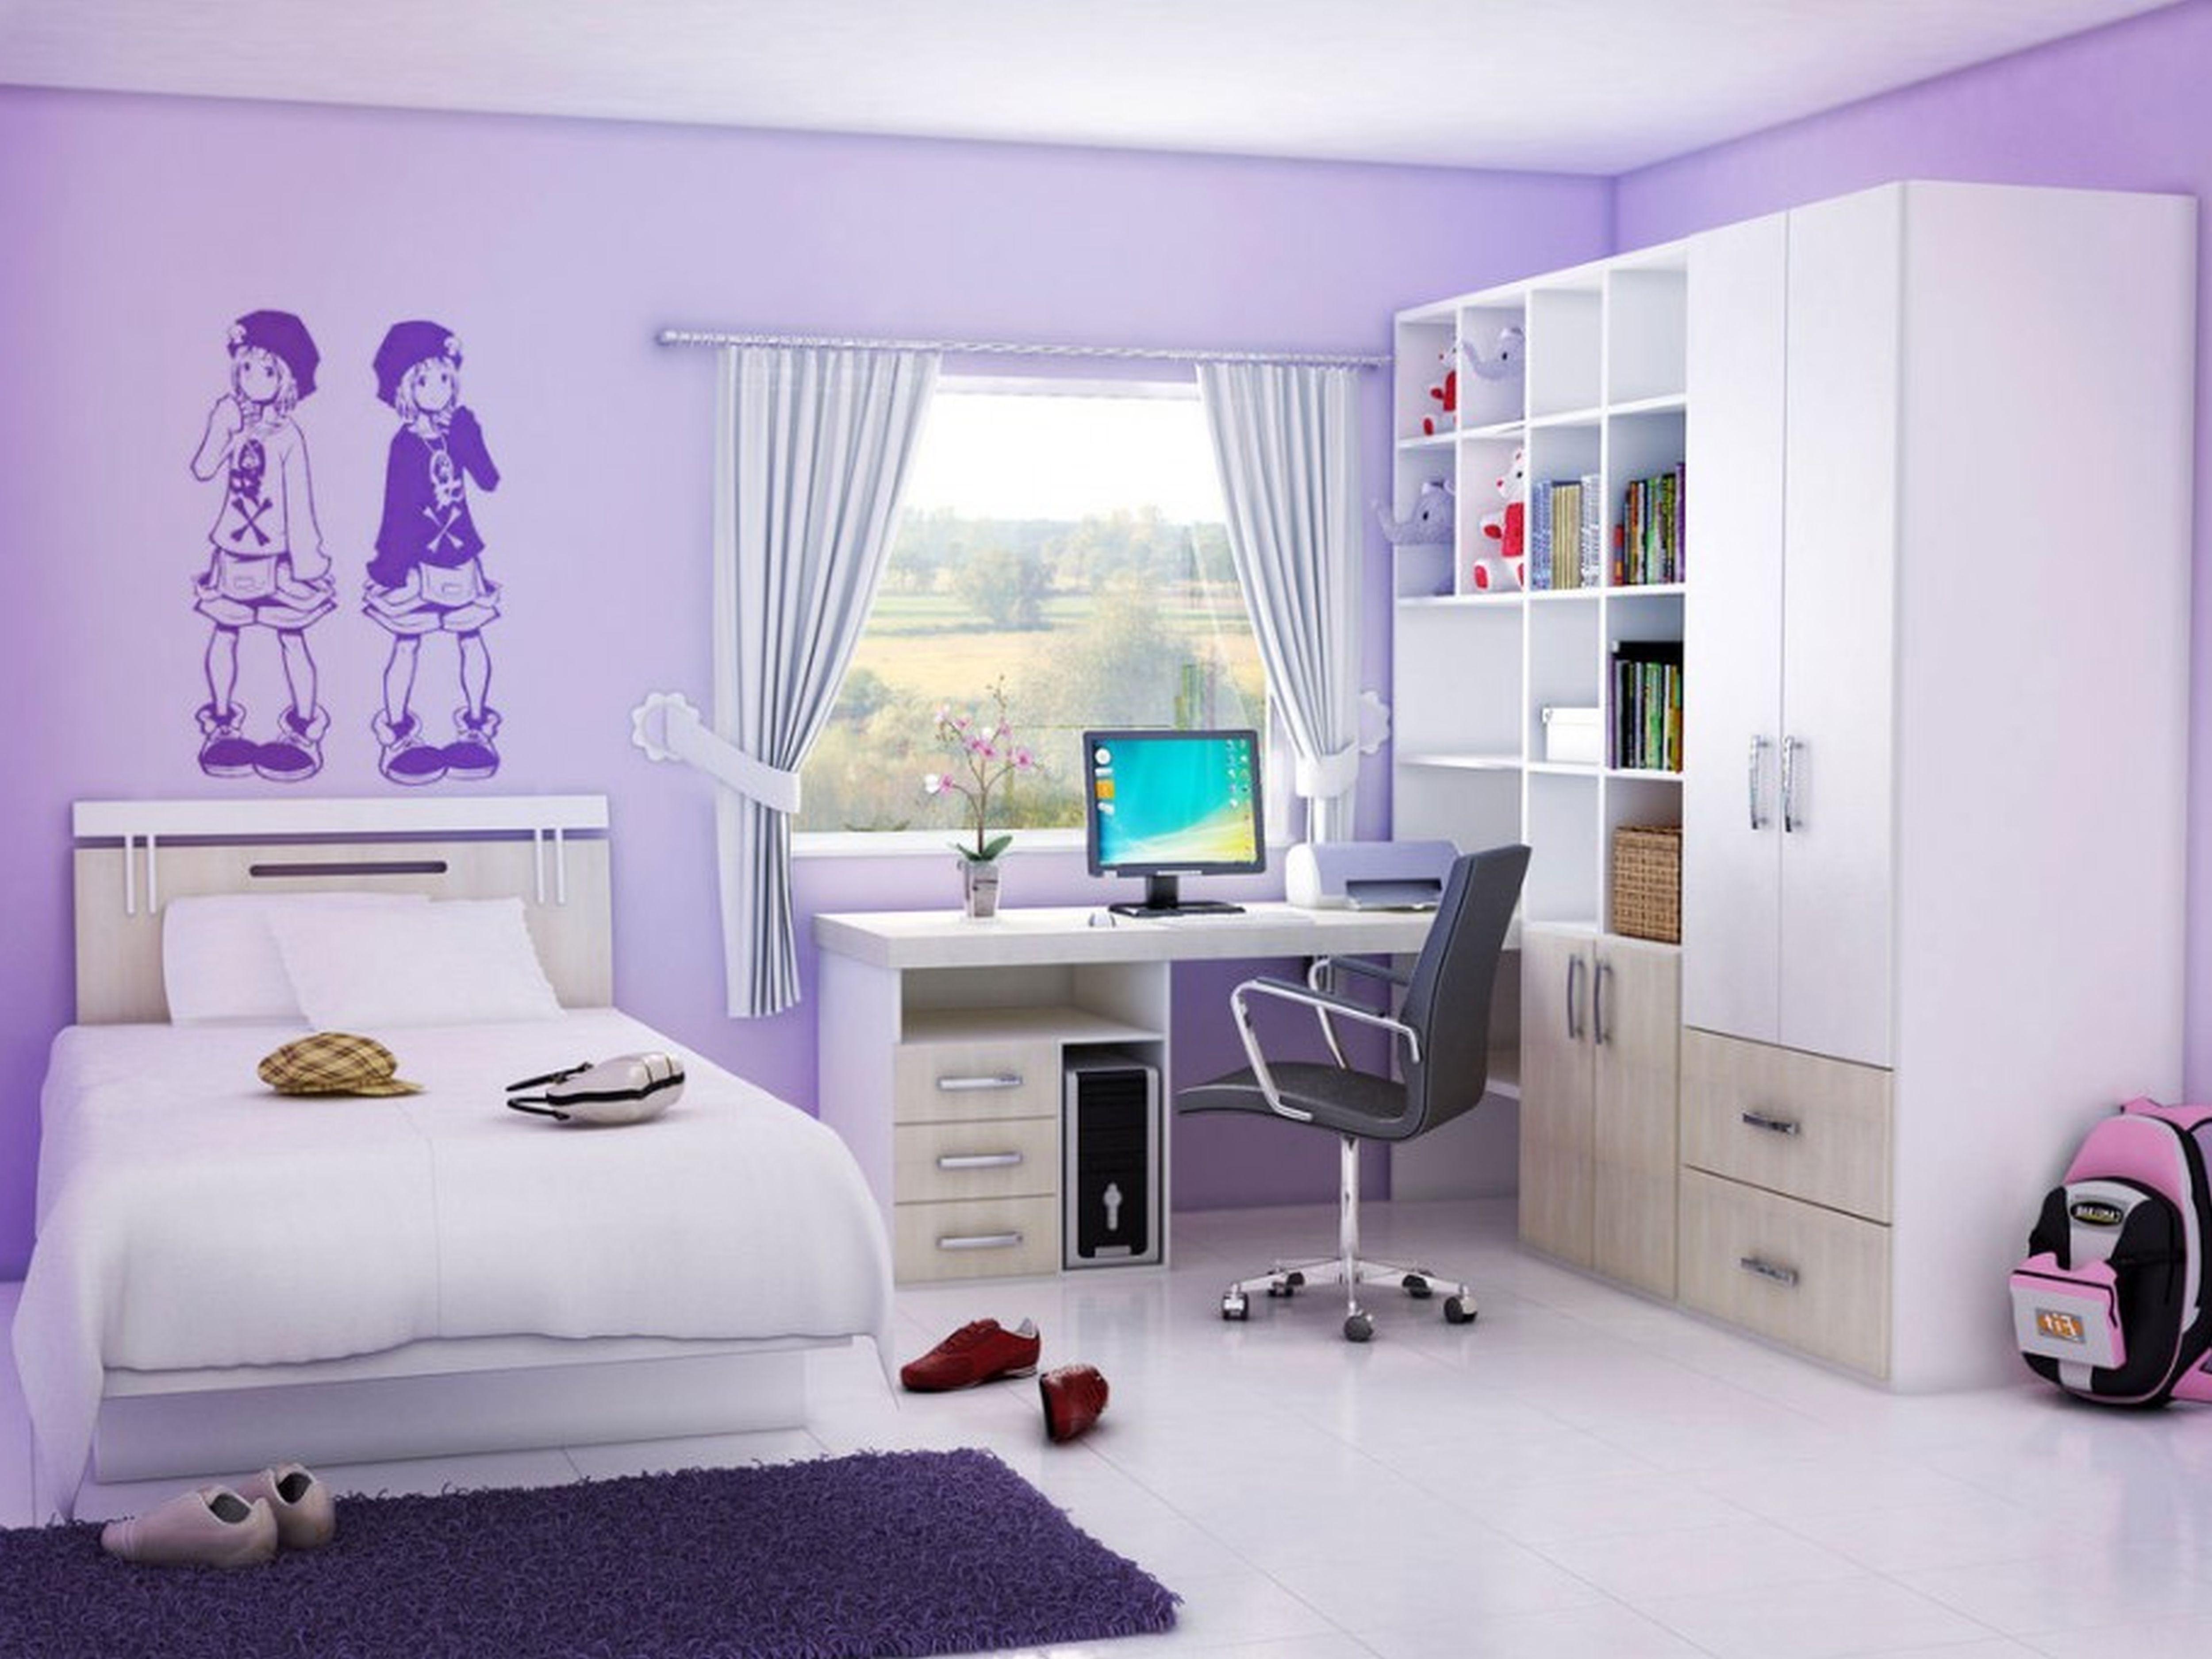 Schlafzimmer Ideen Zimmer Ideen Teenager Madchen Kuhlen Raum Dekor